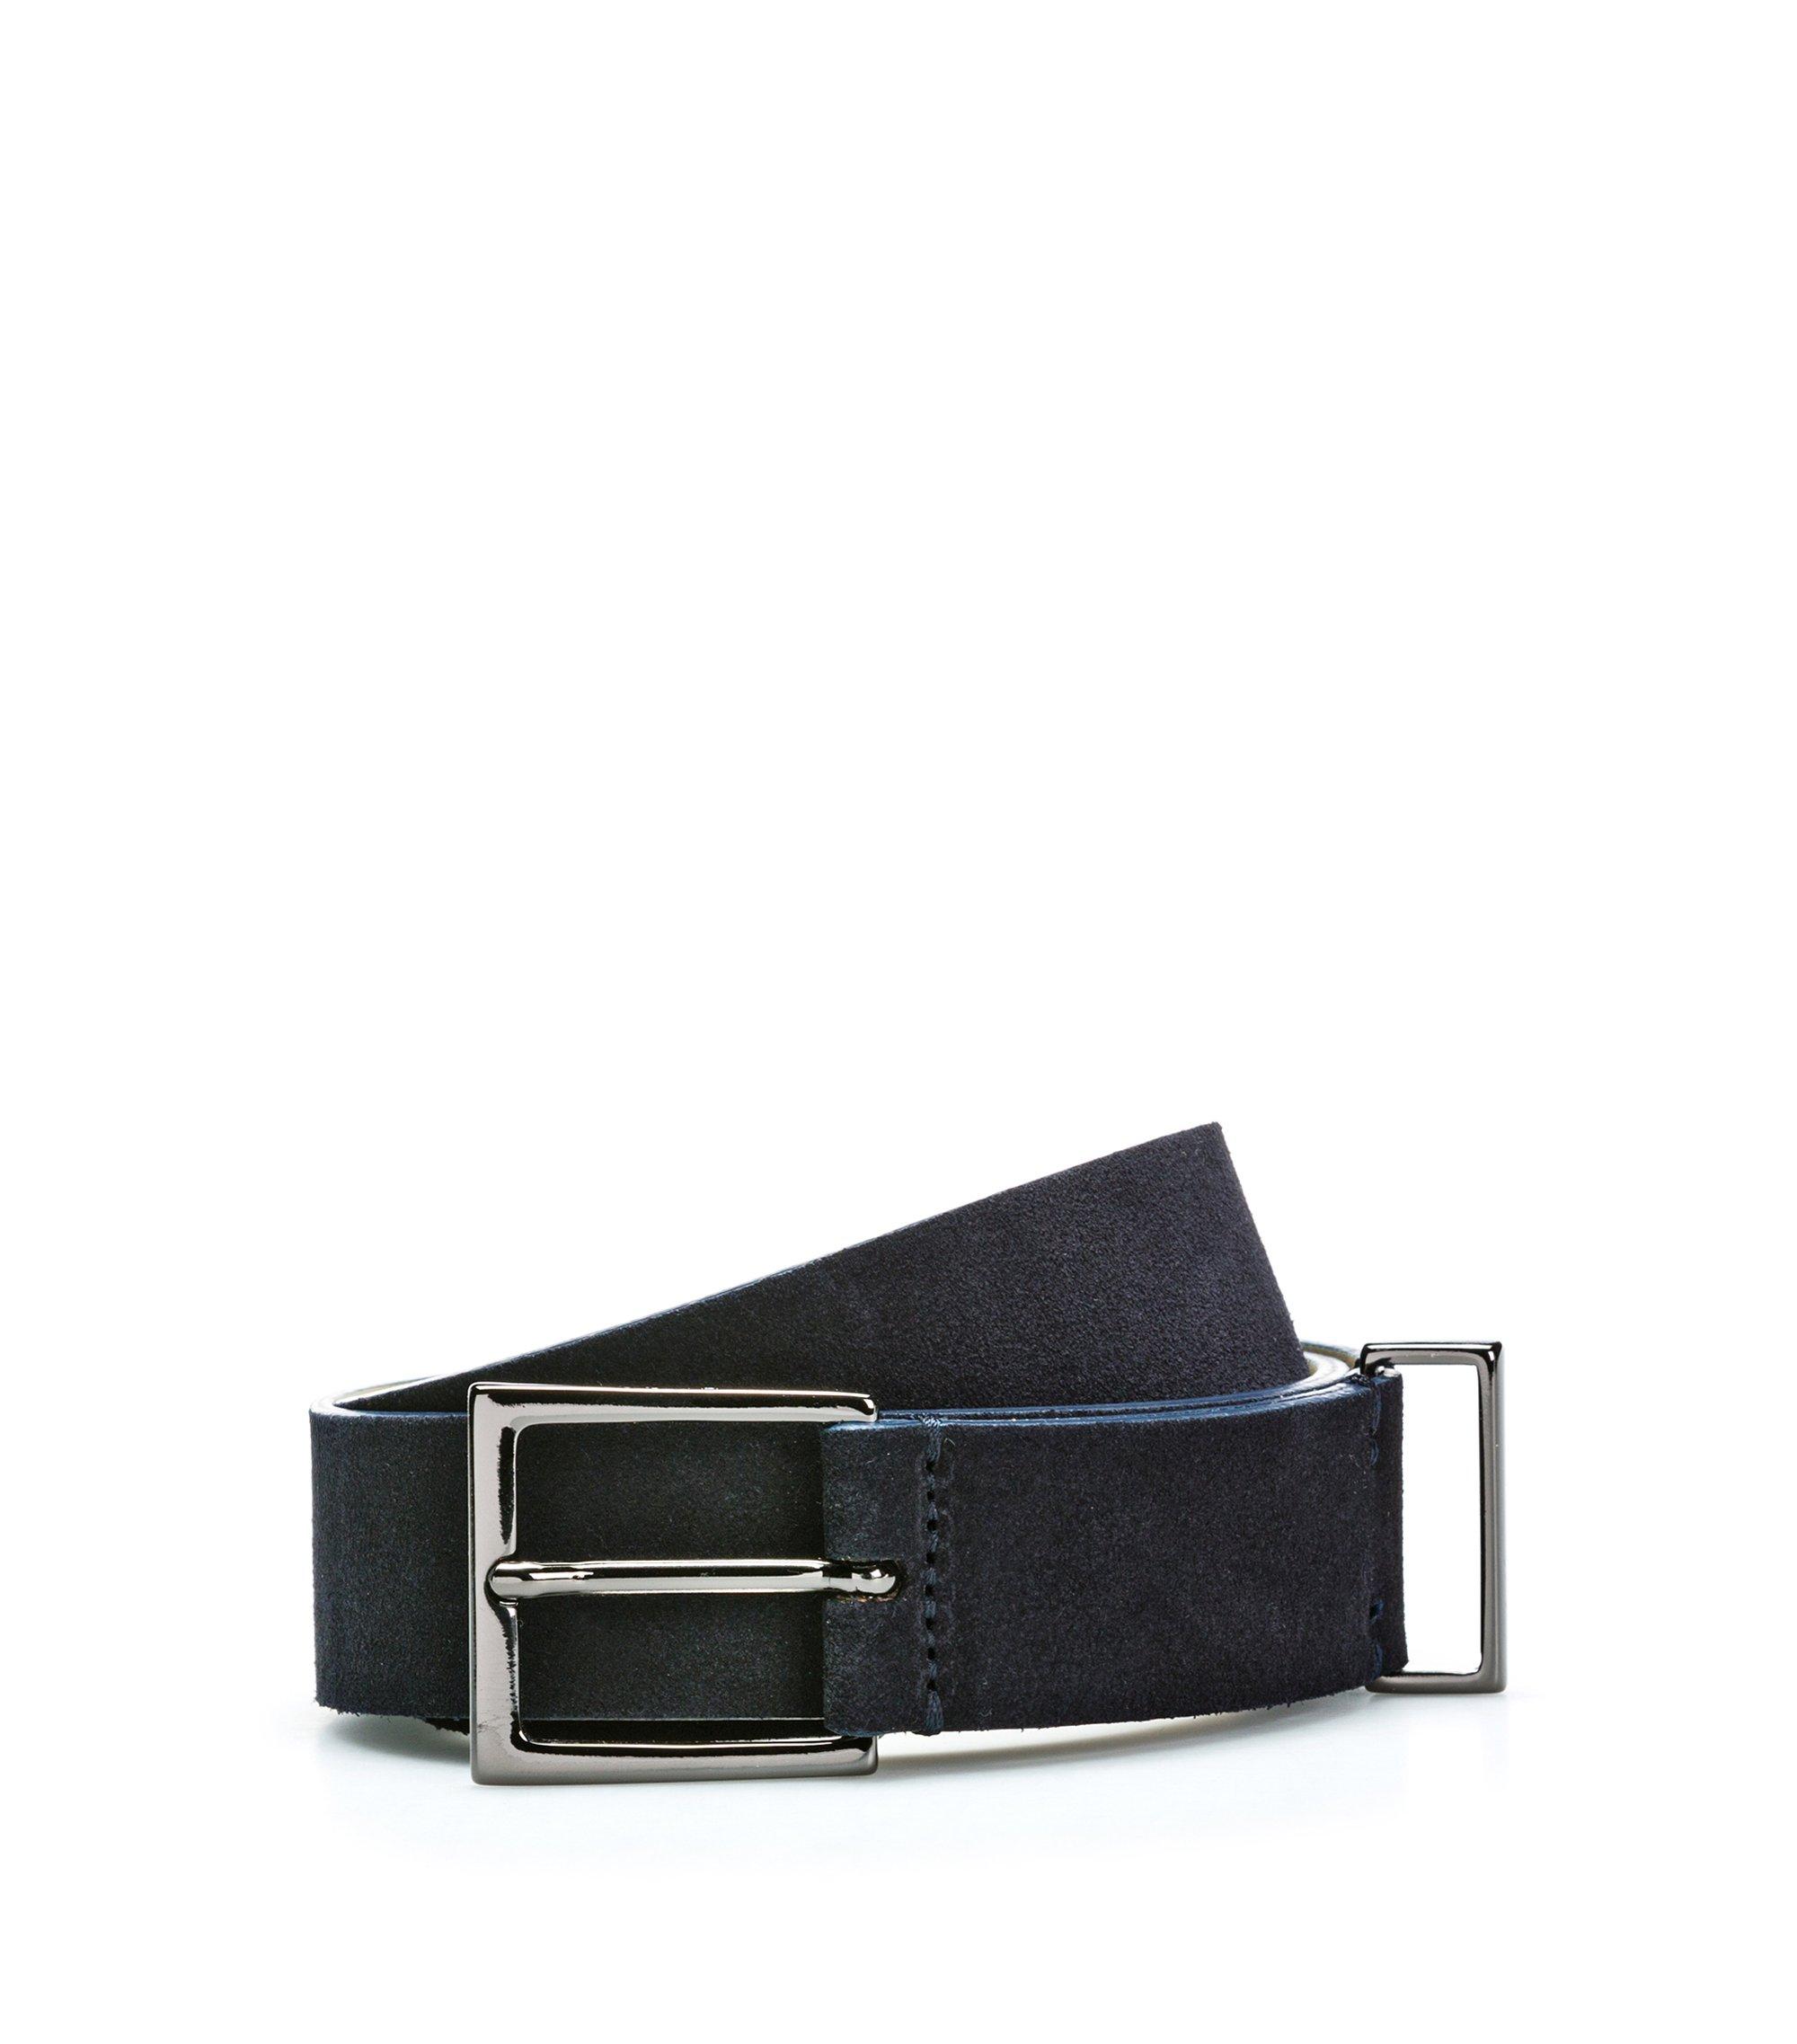 Cintura in pelle scamosciata con finiture lucide in metallo color canna di fucile, Blu scuro